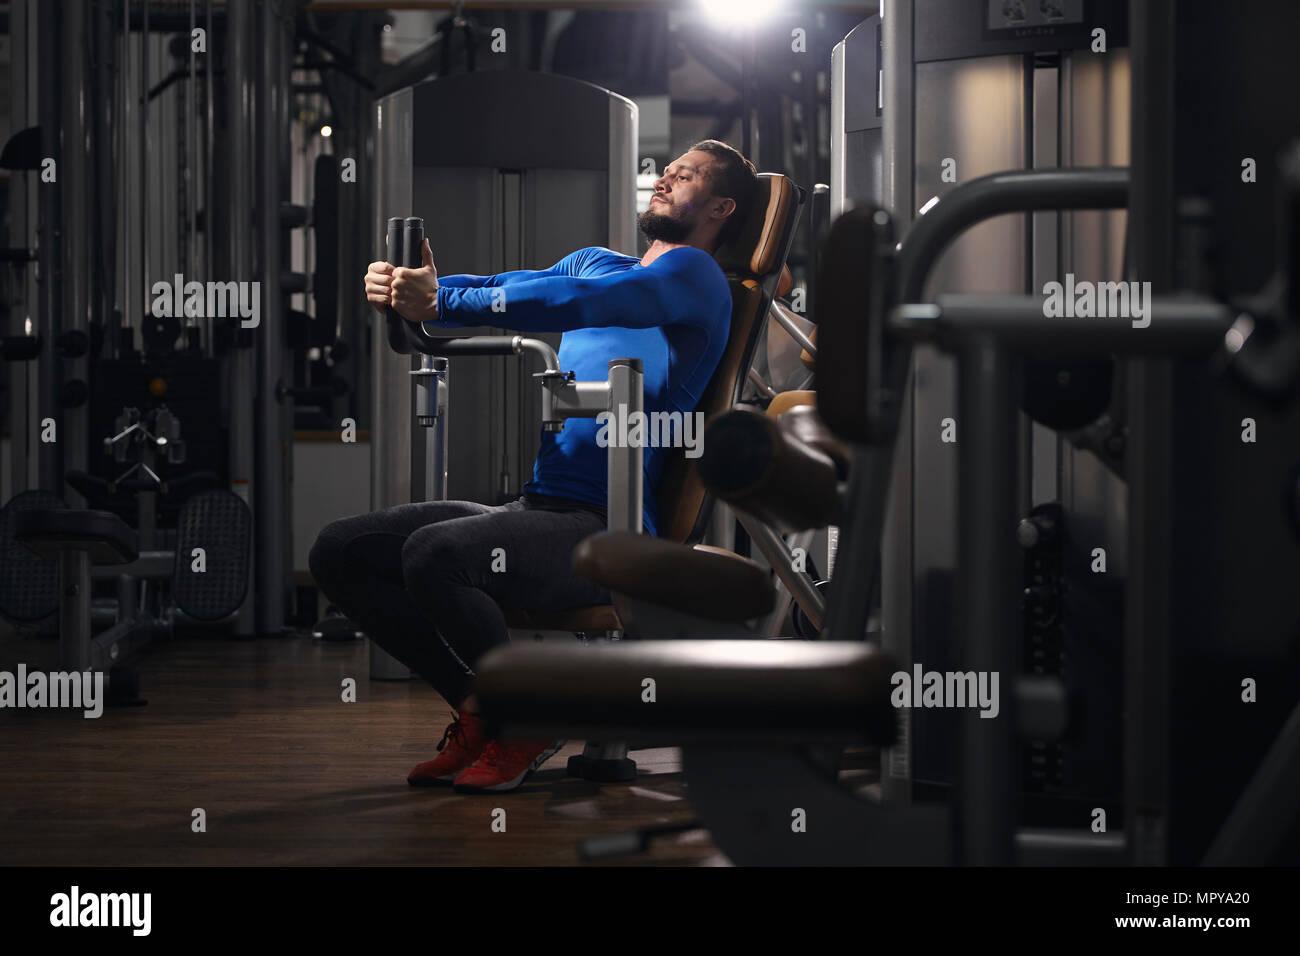 L'homme s'étend sur machine d'exercice à la salle de sport Photo Stock